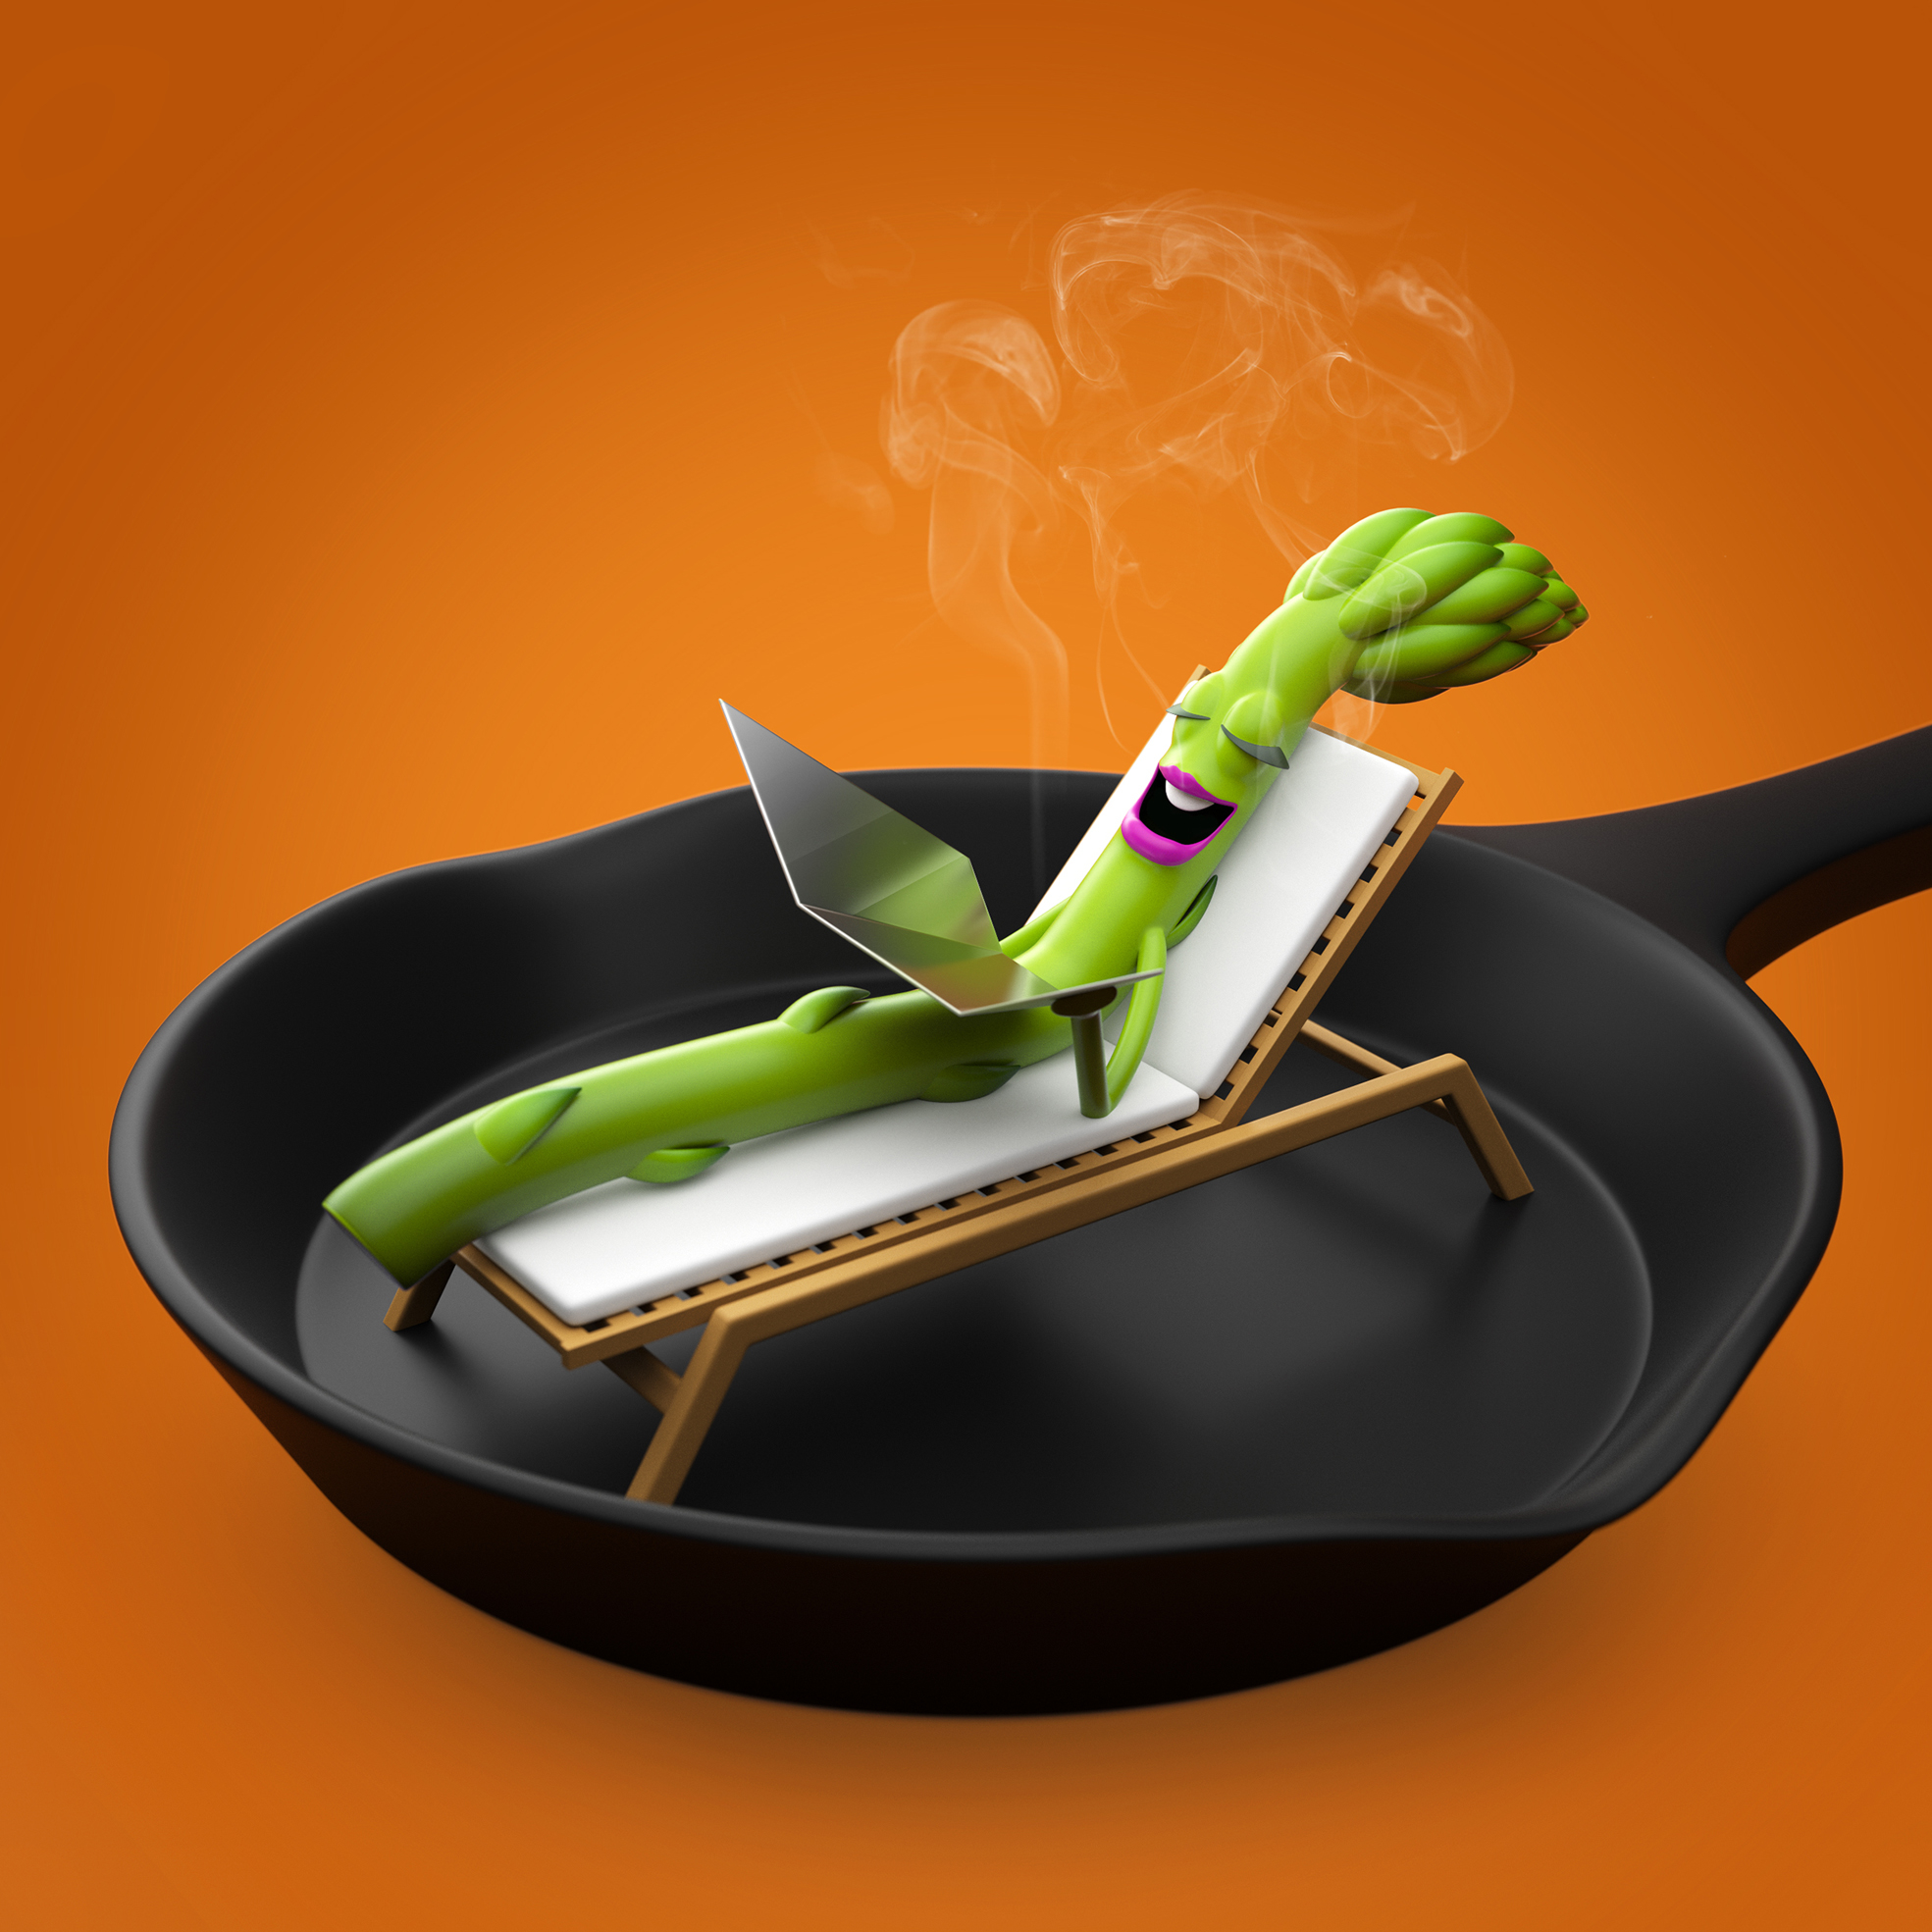 Asparagus_Crop.jpg